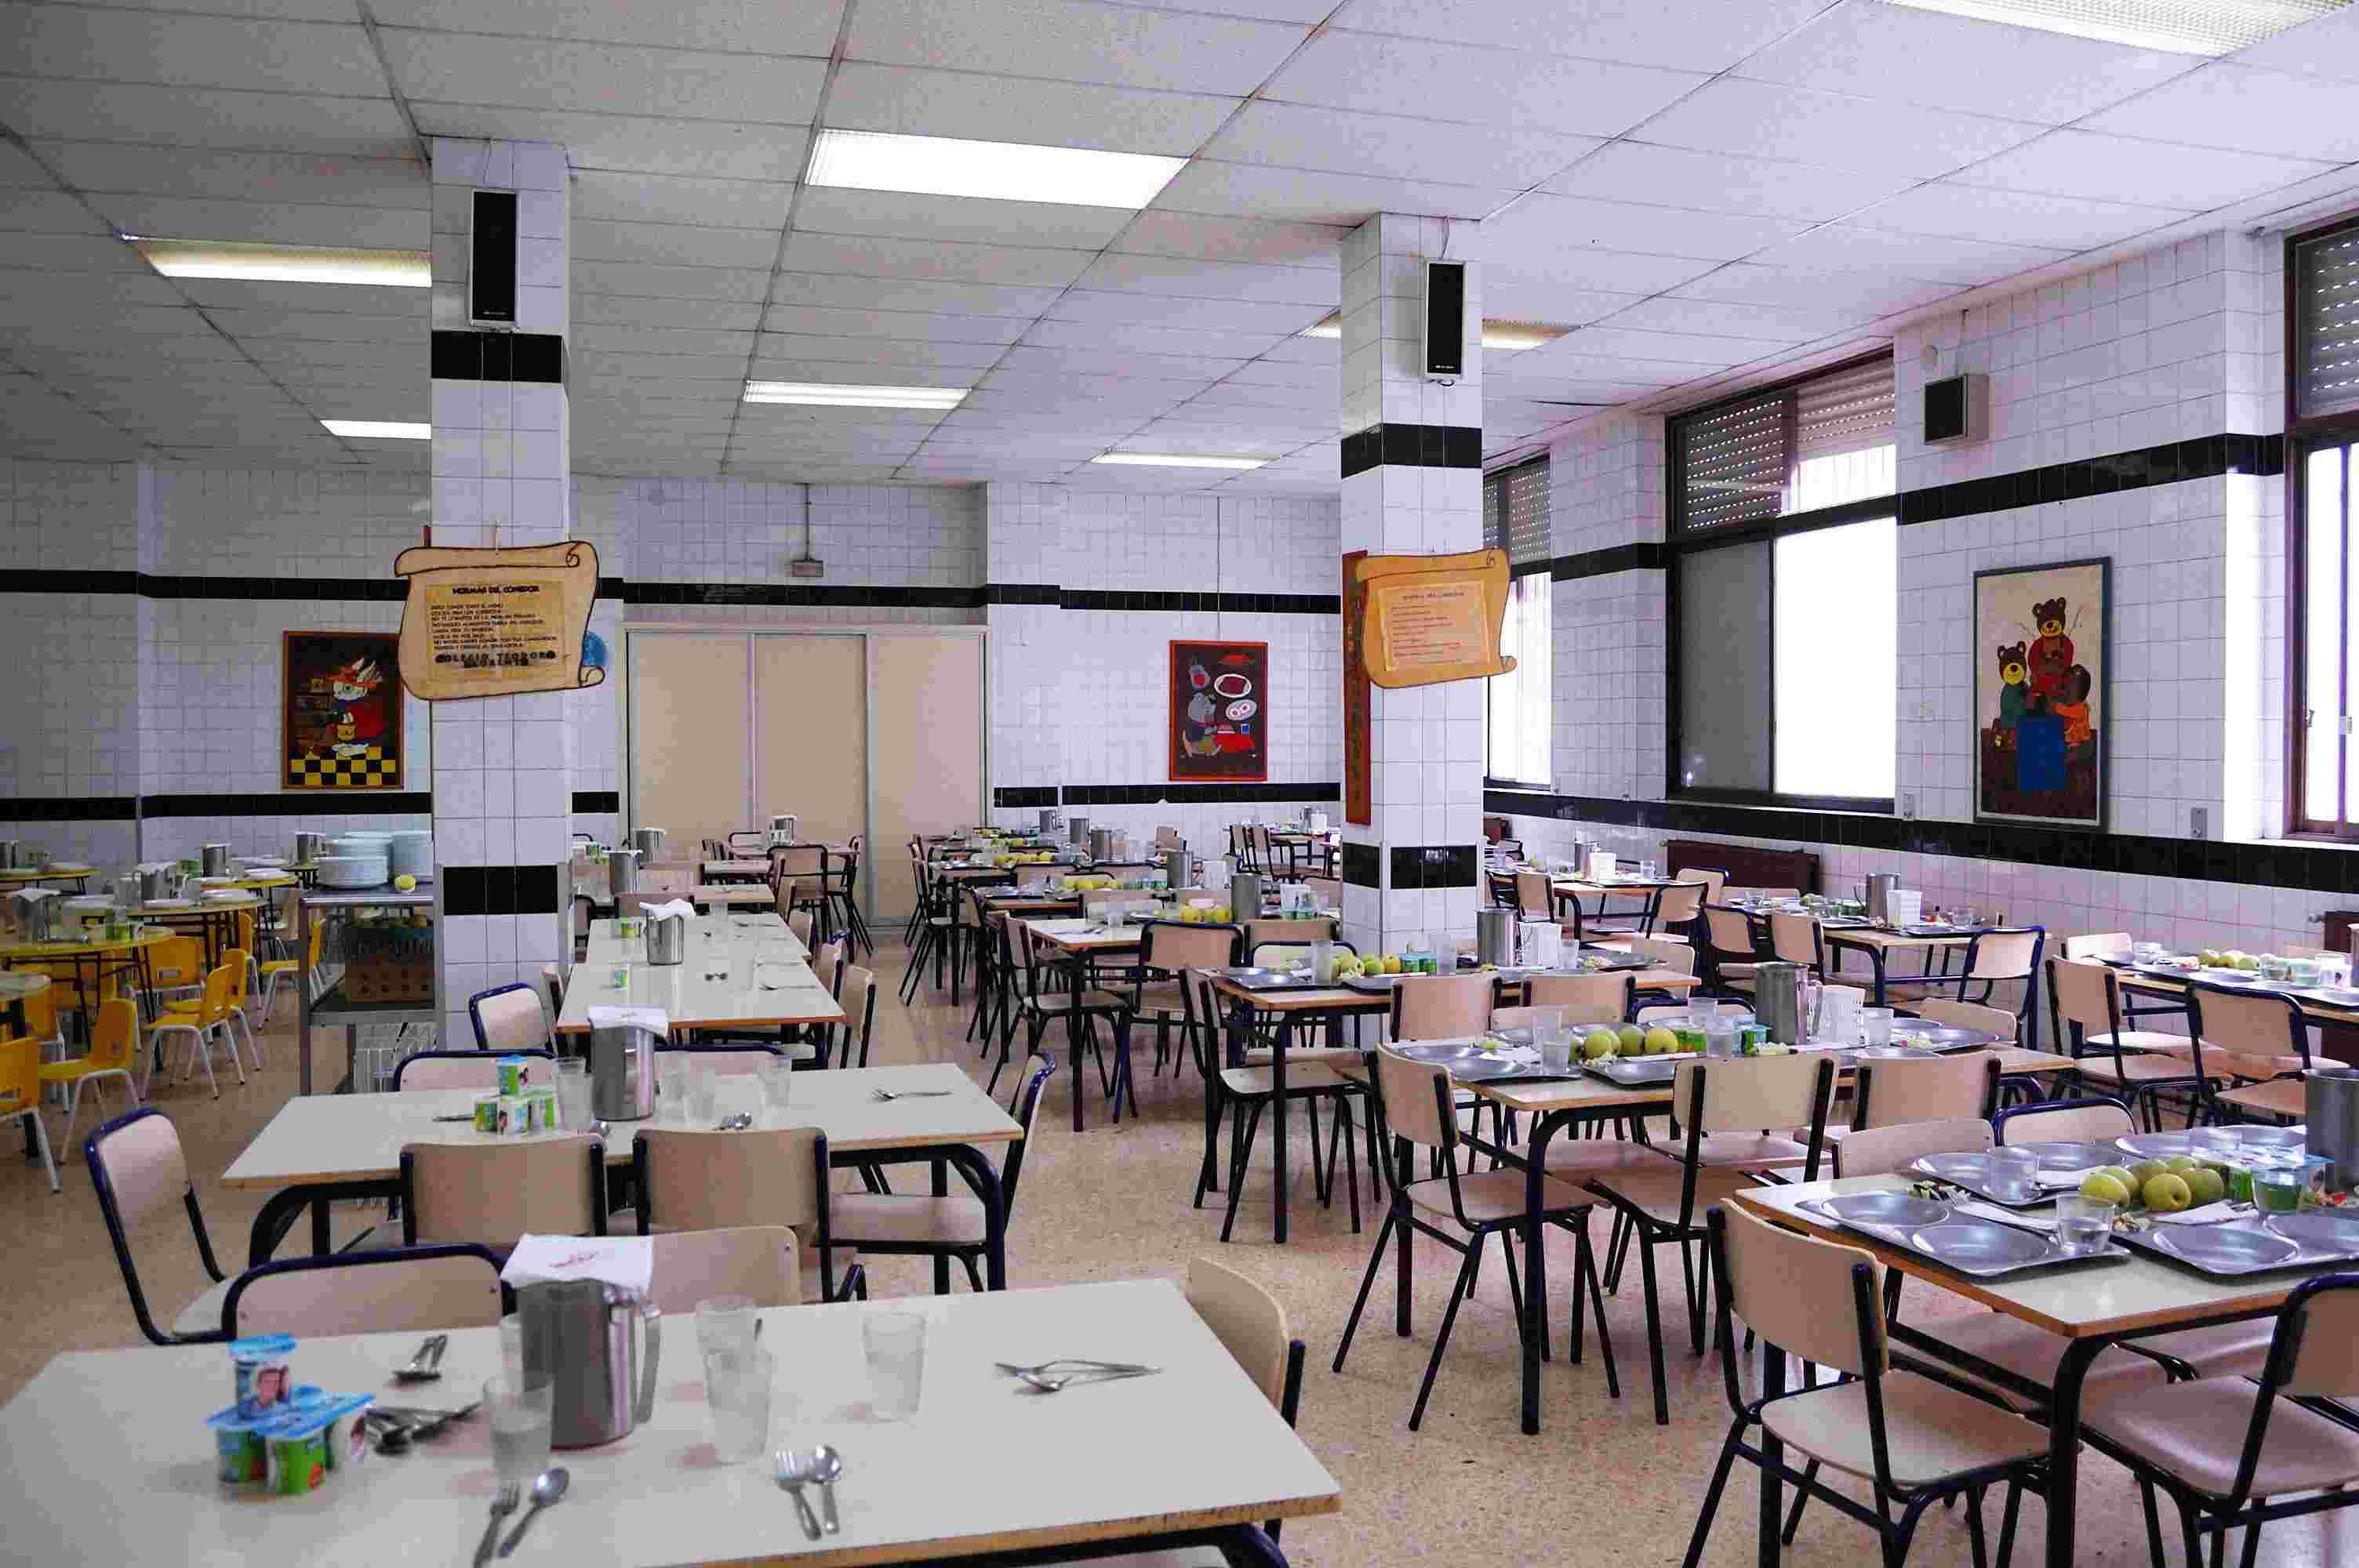 empresas de comedores escolares recortan salarios con la